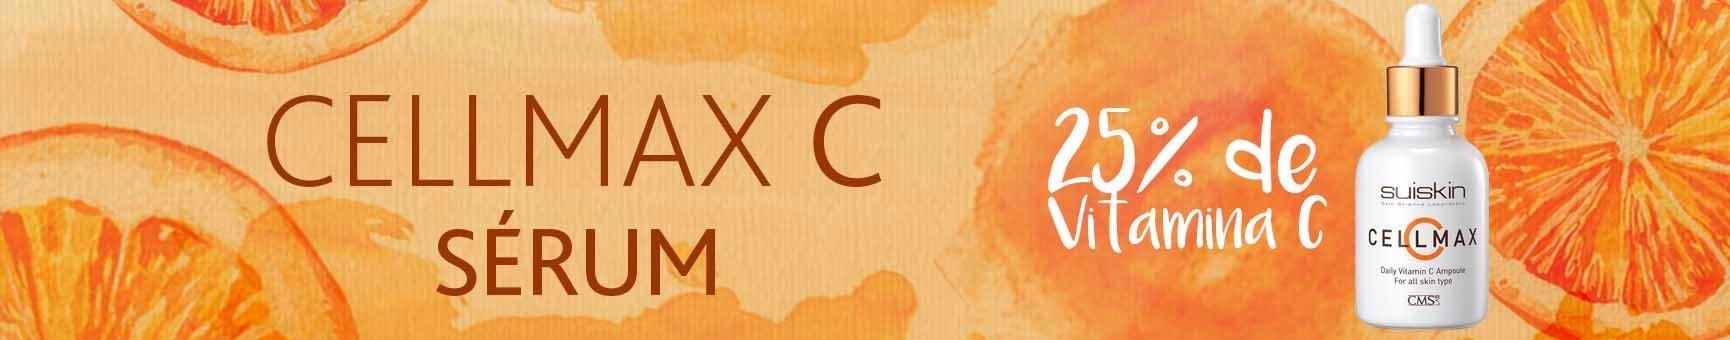 serum-cellmax-c